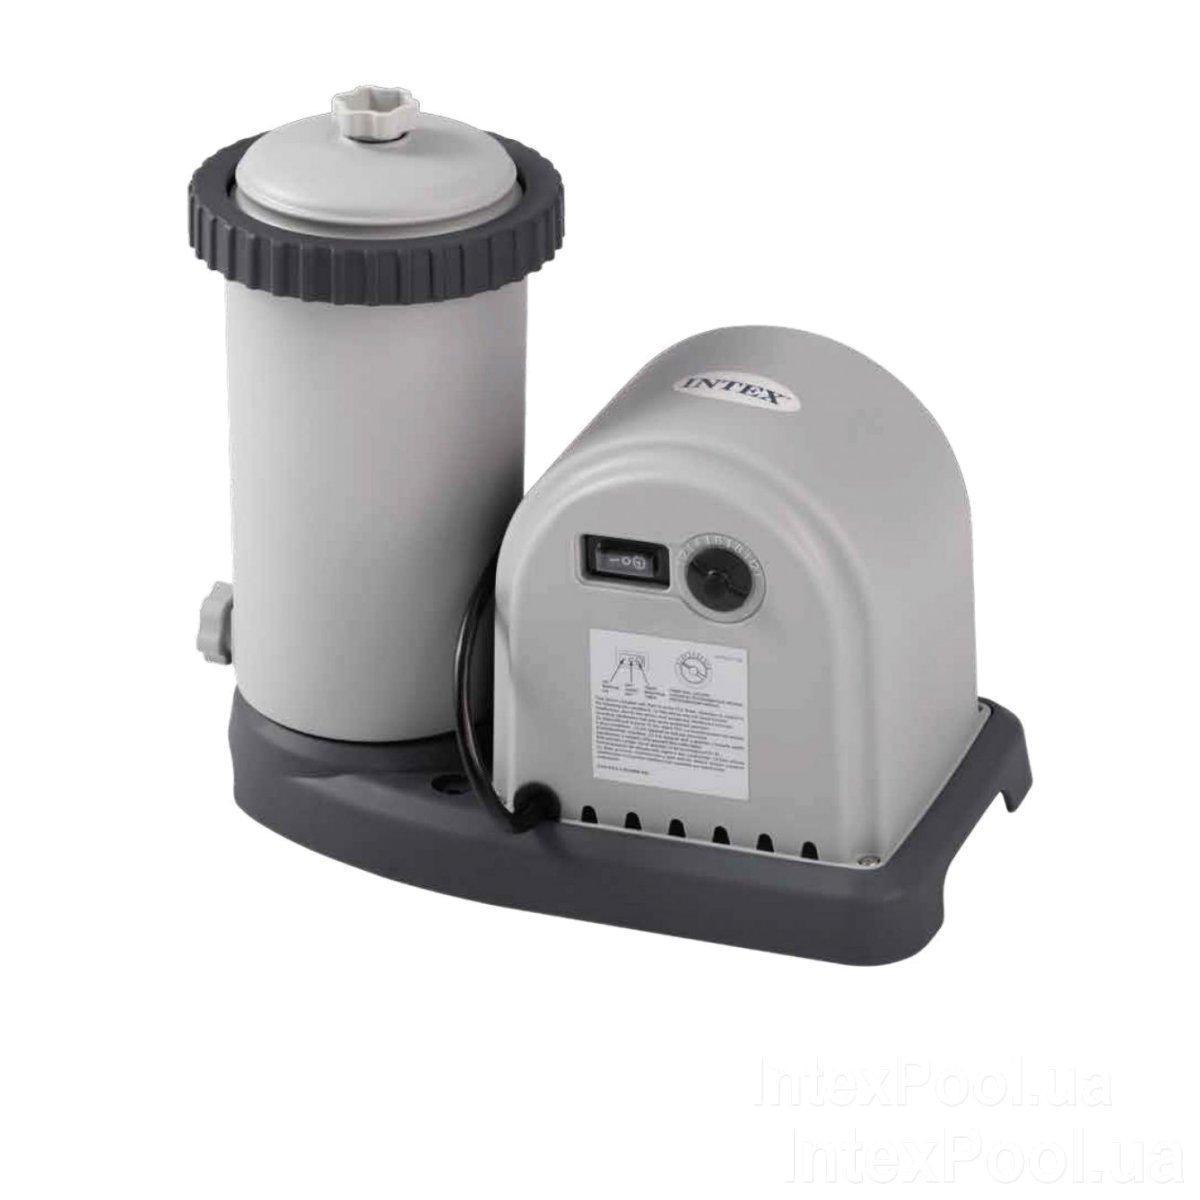 Картріджний фільтр насос Intex 28636, потужність 5 678 л/год, картридж тип А